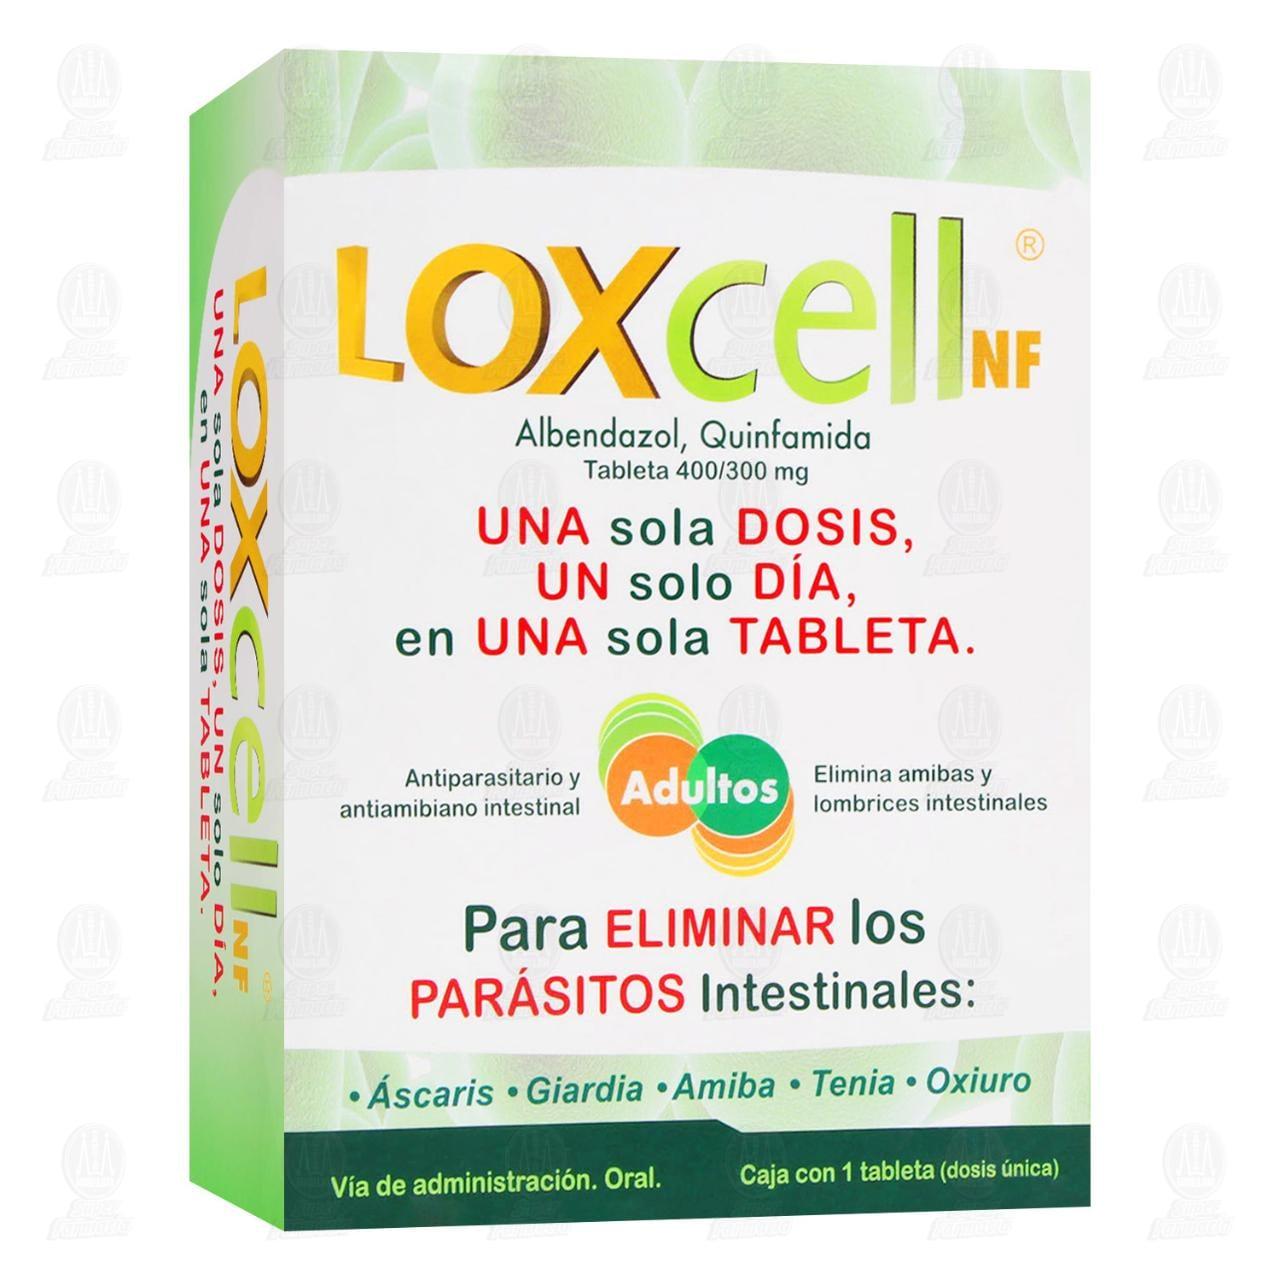 Comprar Loxcell NF 400/300mg 1 Dosis 1 Tableta en Farmacias Guadalajara